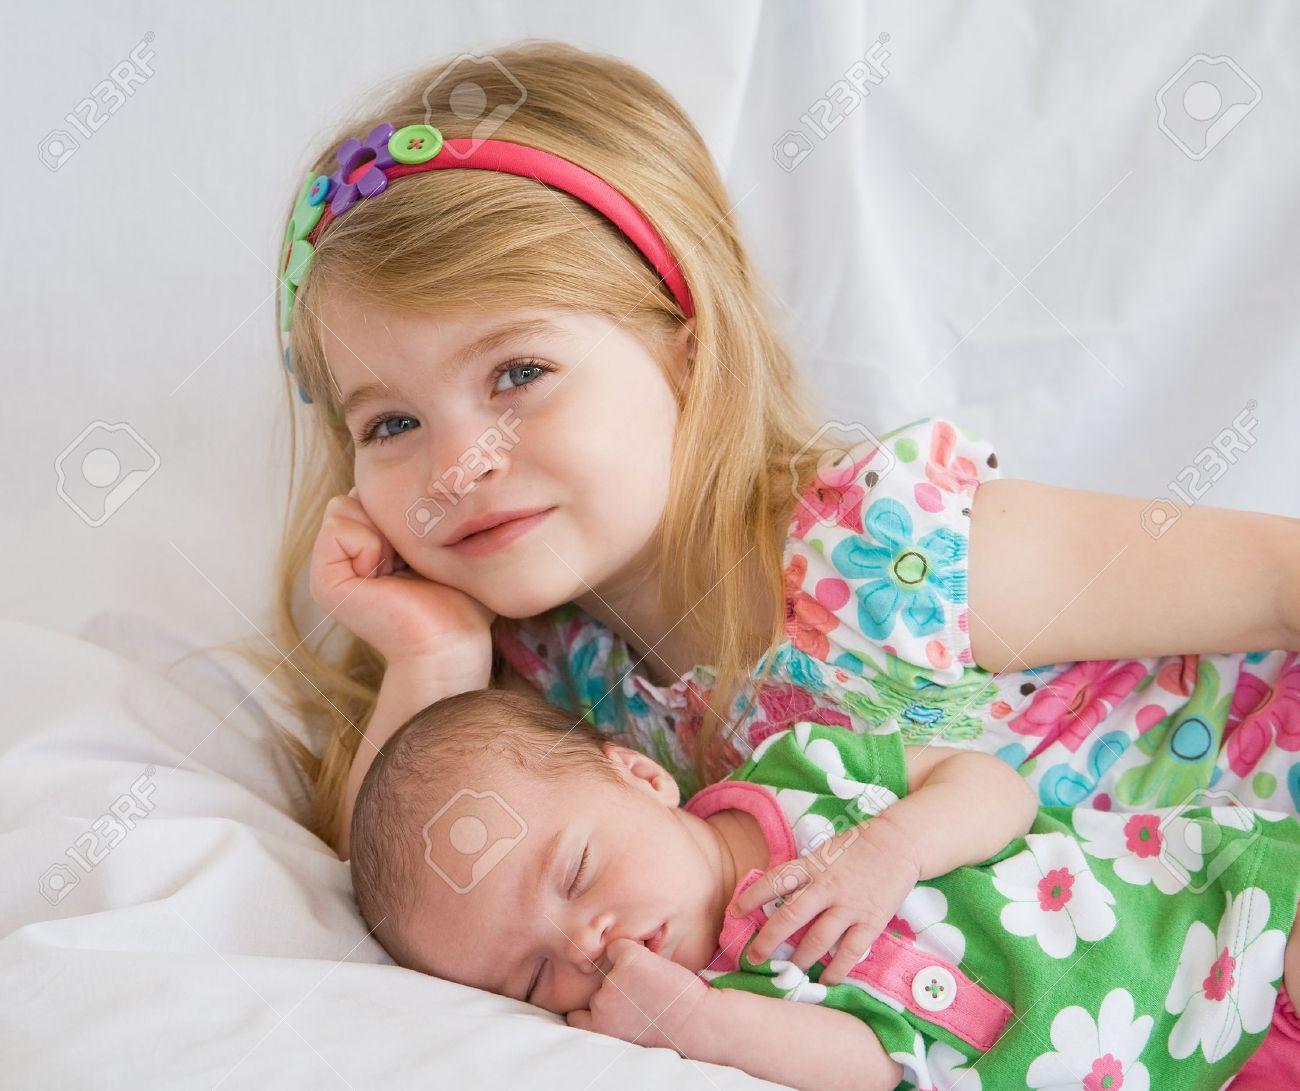 Сестра играла с братом в дочки матери смотреть онлайнсмотреть онлайн 18 фотография